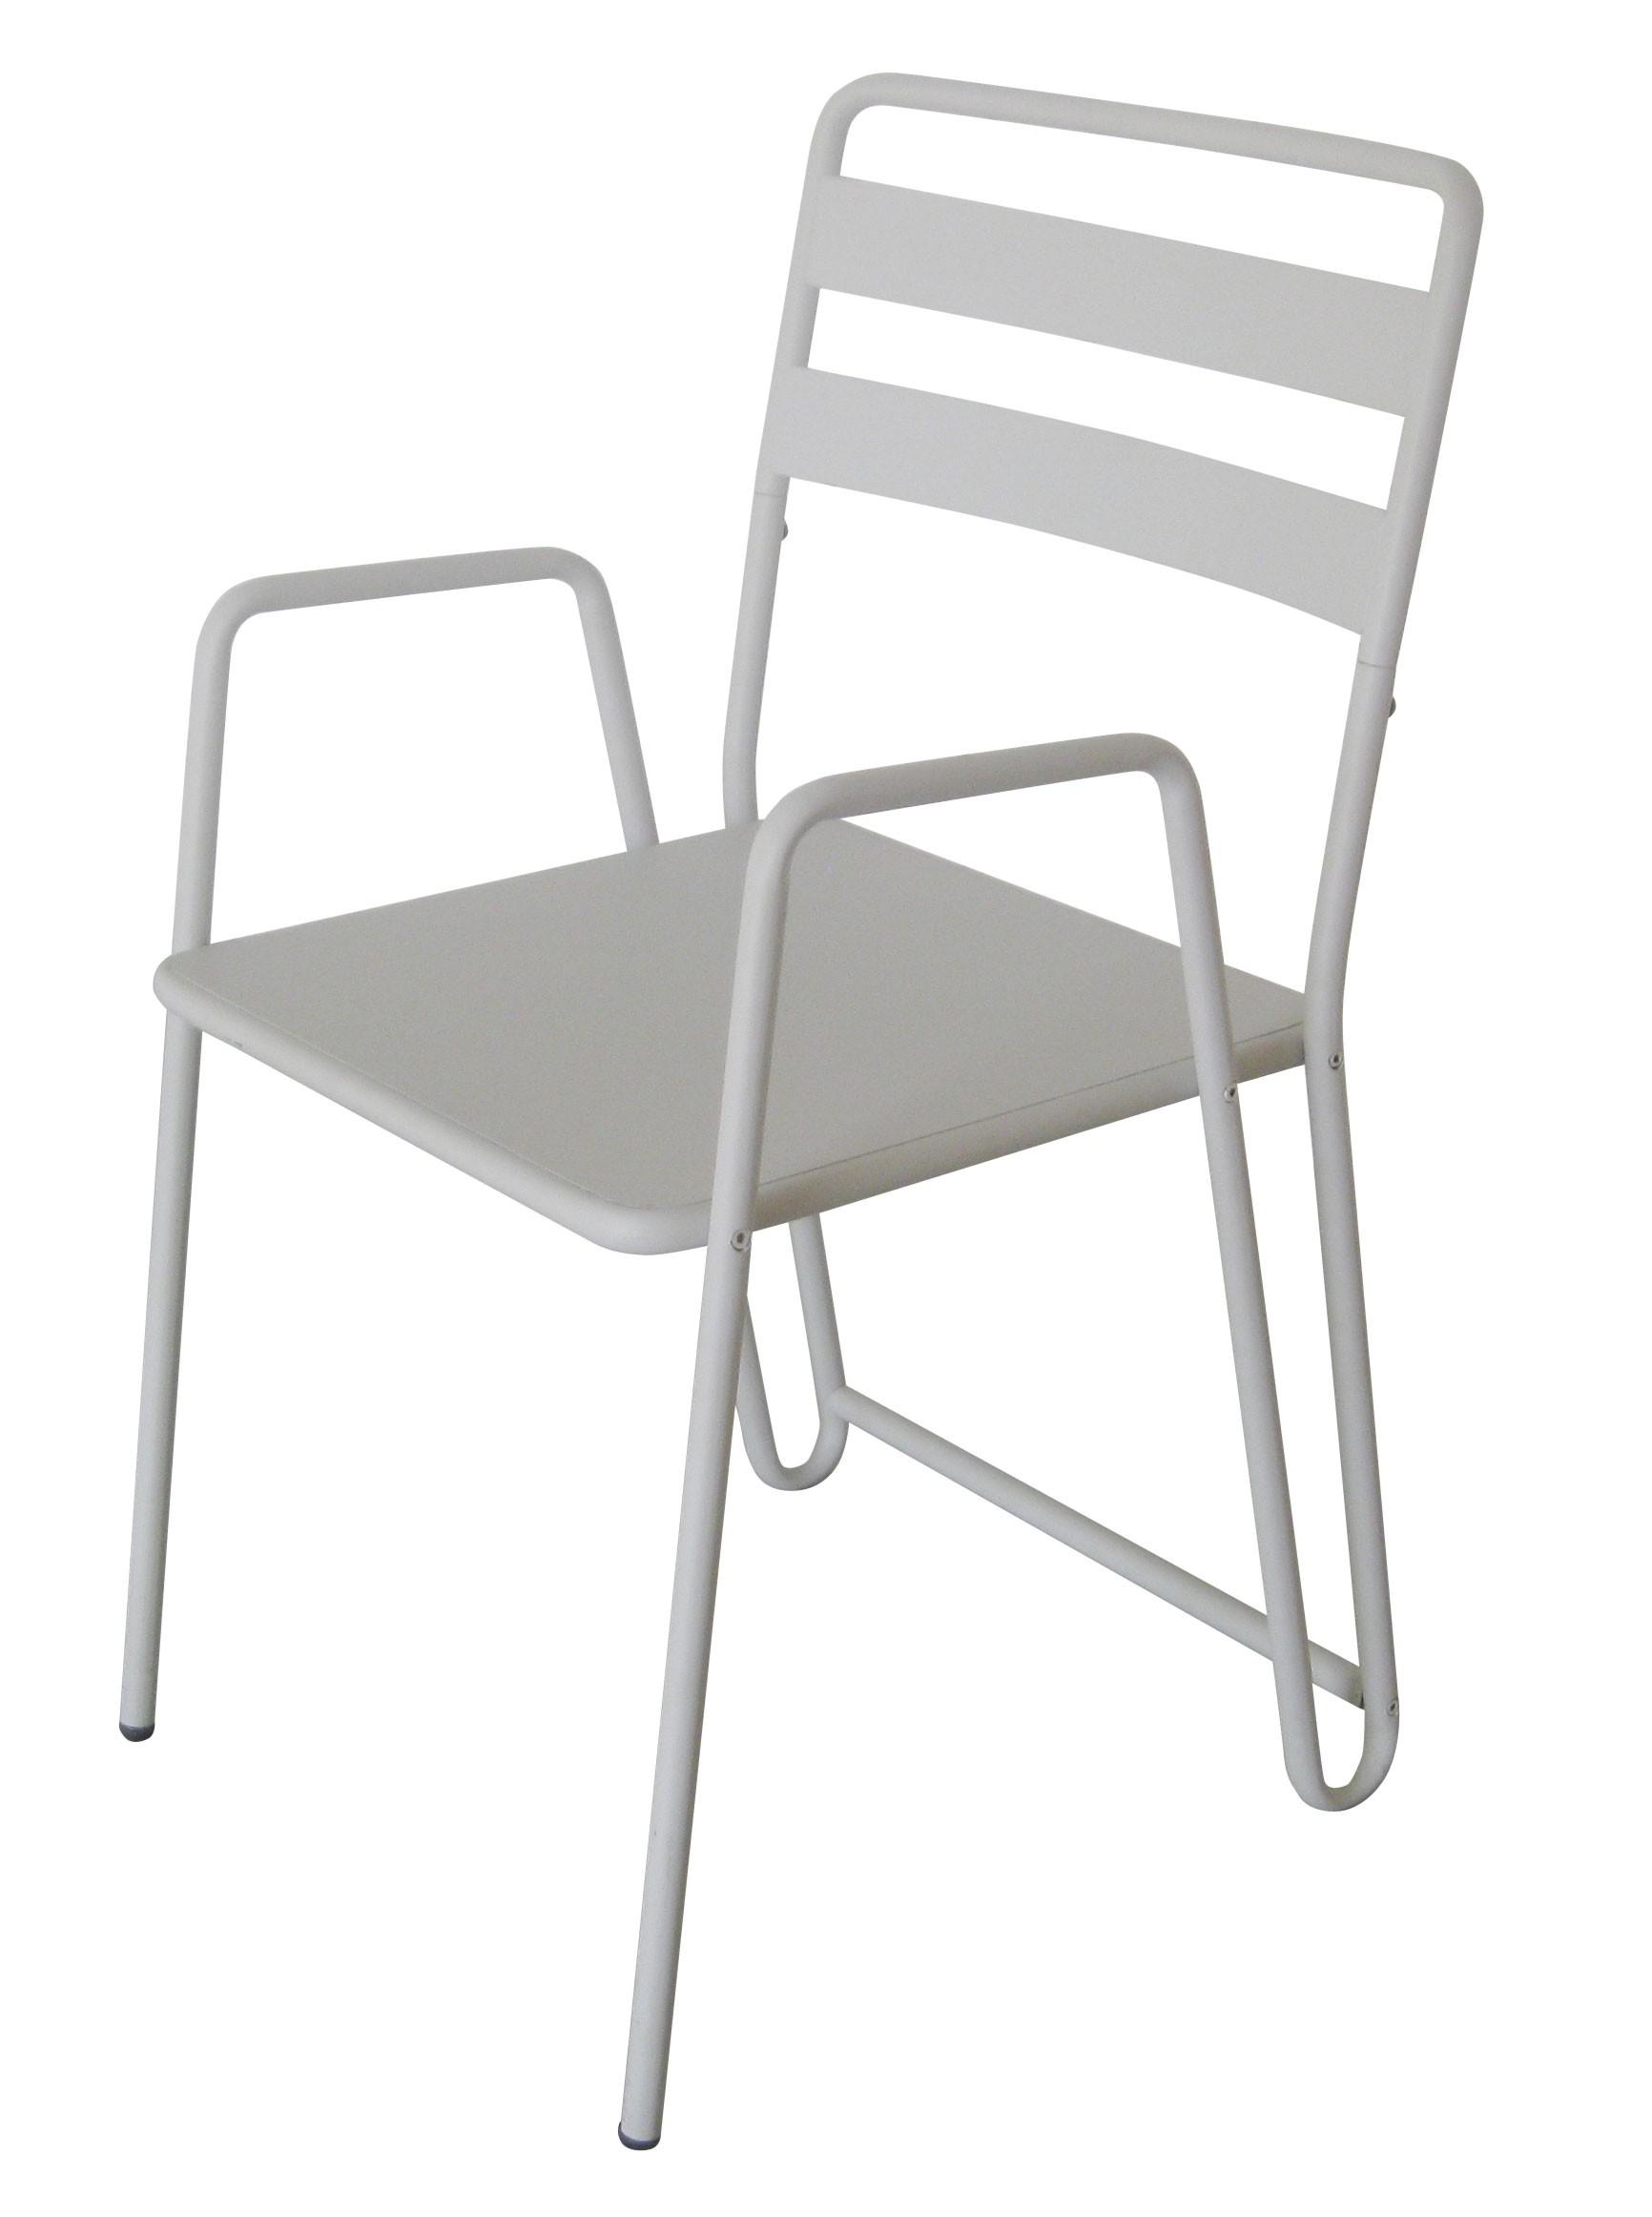 chaise fauteuil industriel en m tal blanc avec accoudoirs et coussin. Black Bedroom Furniture Sets. Home Design Ideas